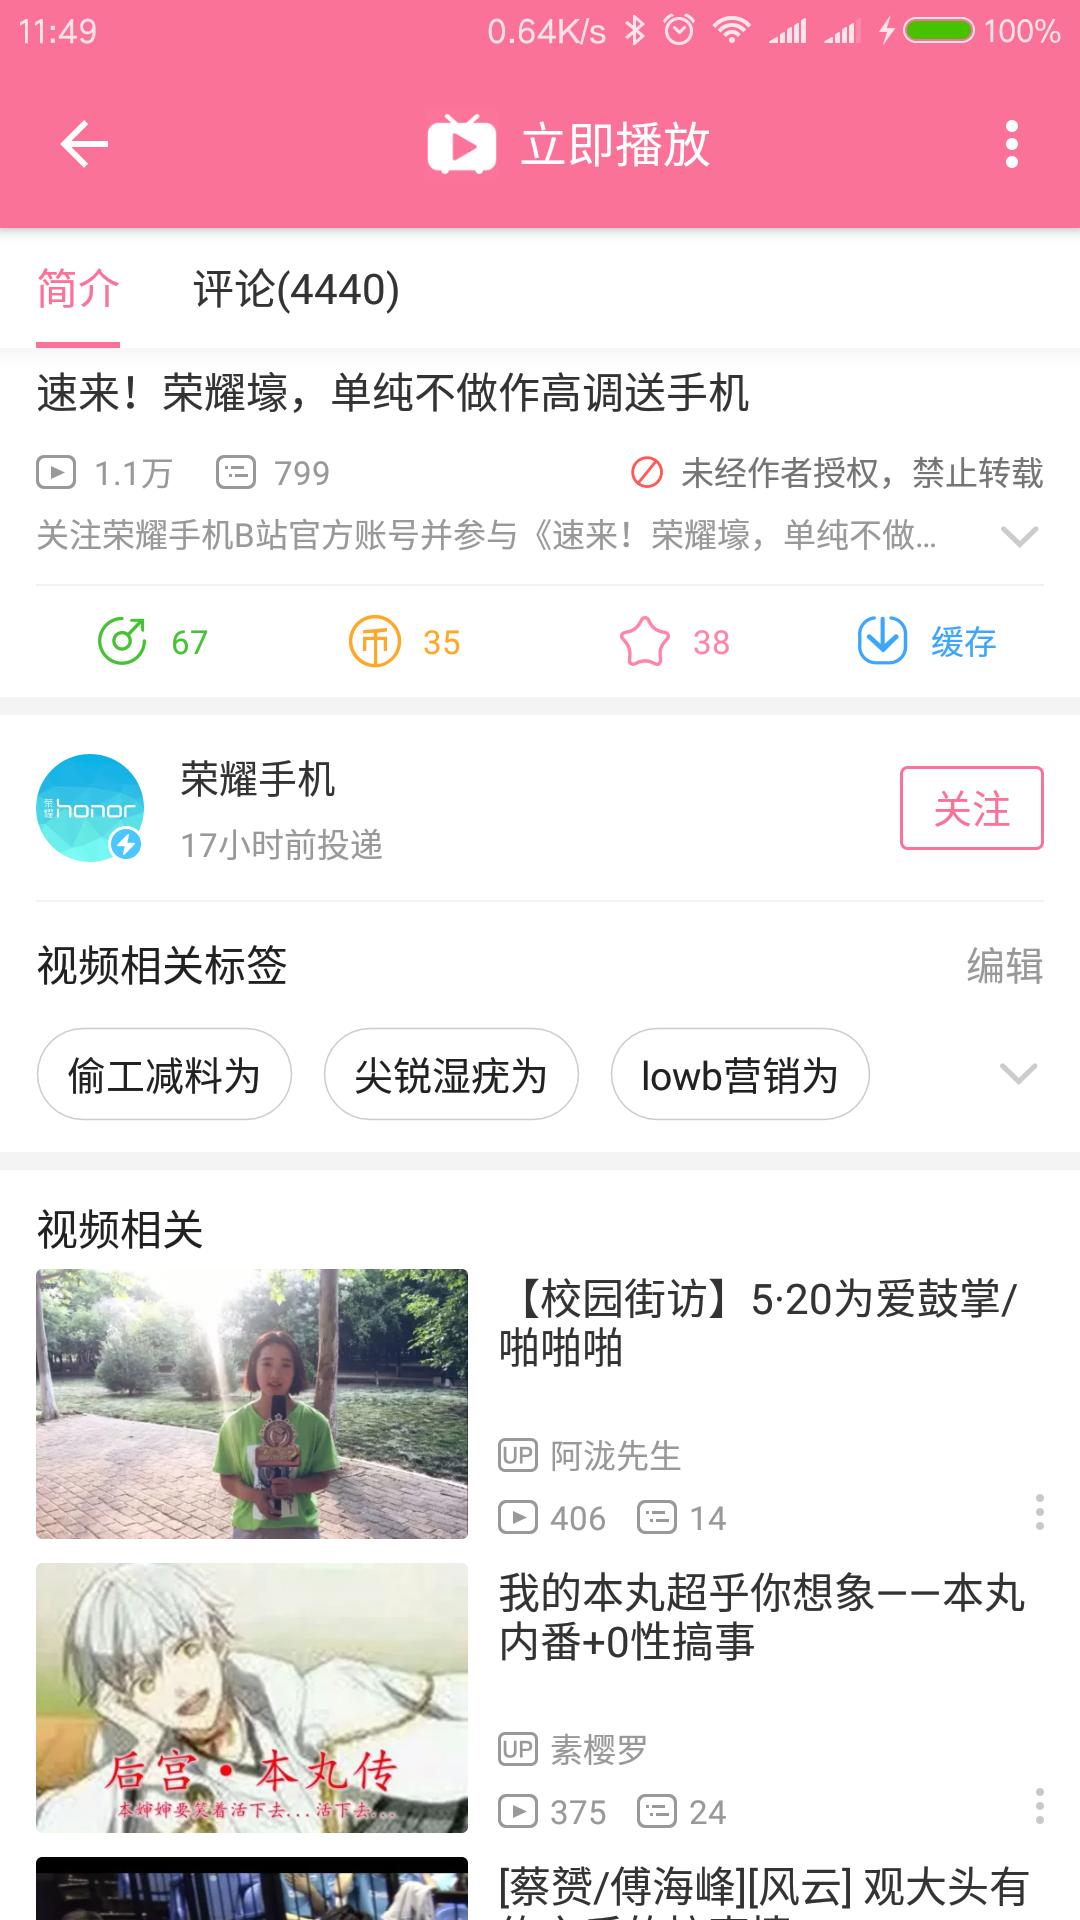 营销哔哩哔哩荣耀华为账号手机舞团评价碰唱官方安卓图片